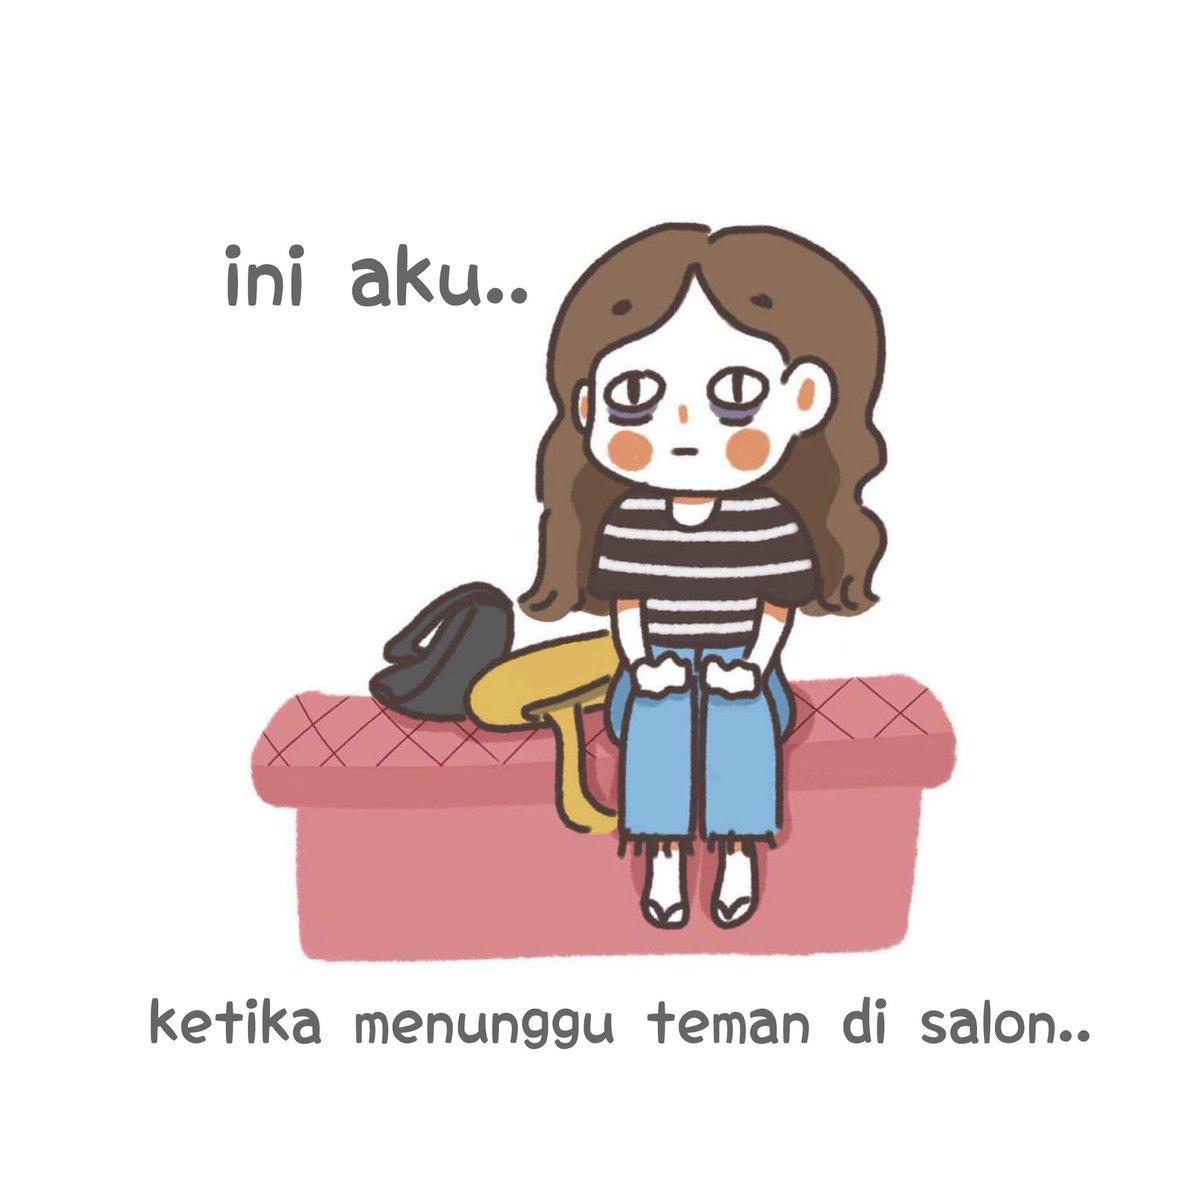 Kata Lucu Malam Jumat Bahasa Sunda